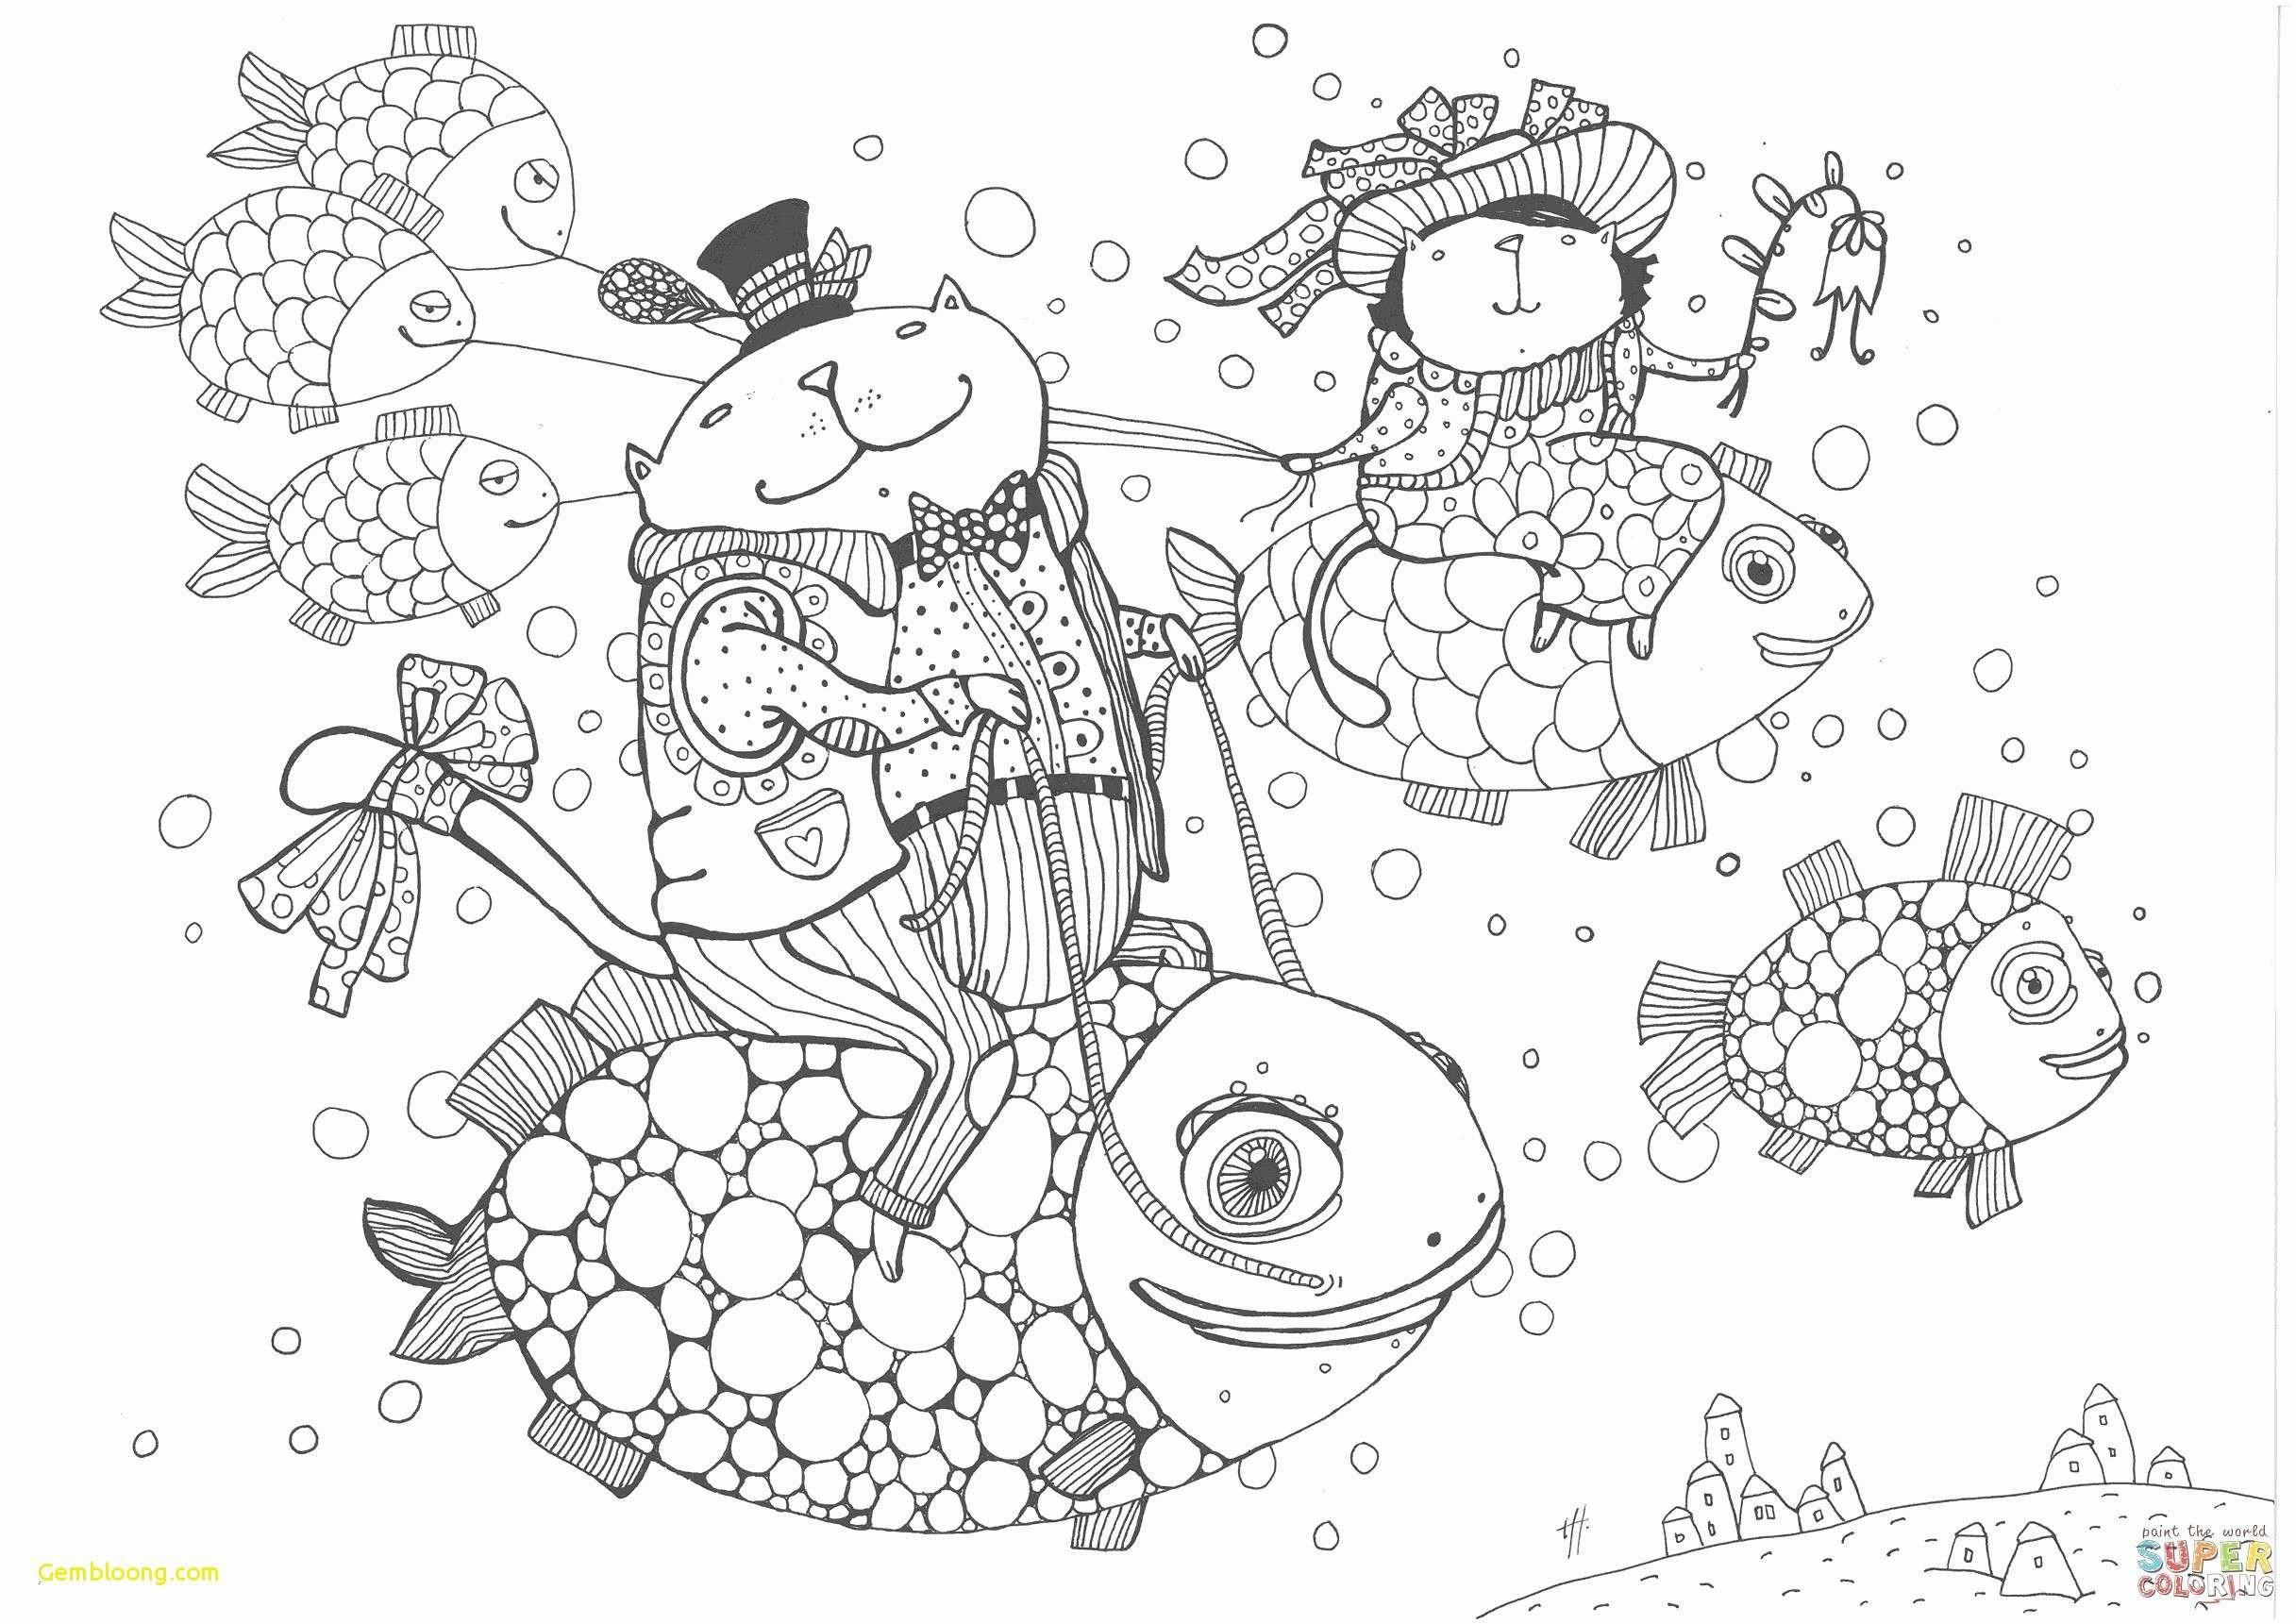 Herbstbild Zum Ausmalen Genial 32 Herbst Ausmalbilder Pilze Scoredatscore Elegant Kostenlose Sammlung